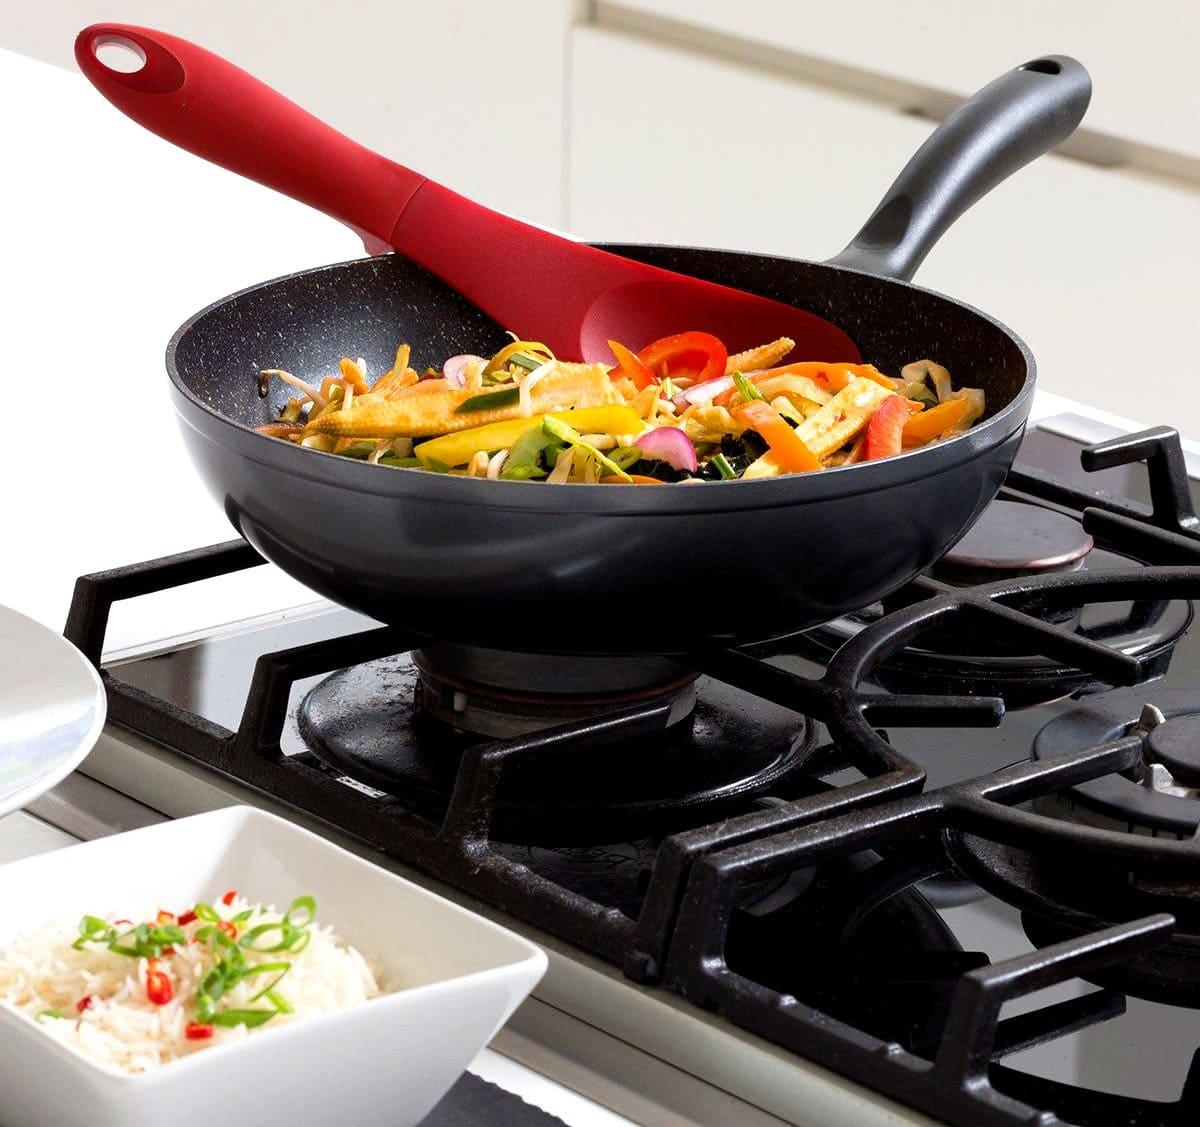 Во время приготовления пищи следует использовать деревянные и силиконовые лопатки